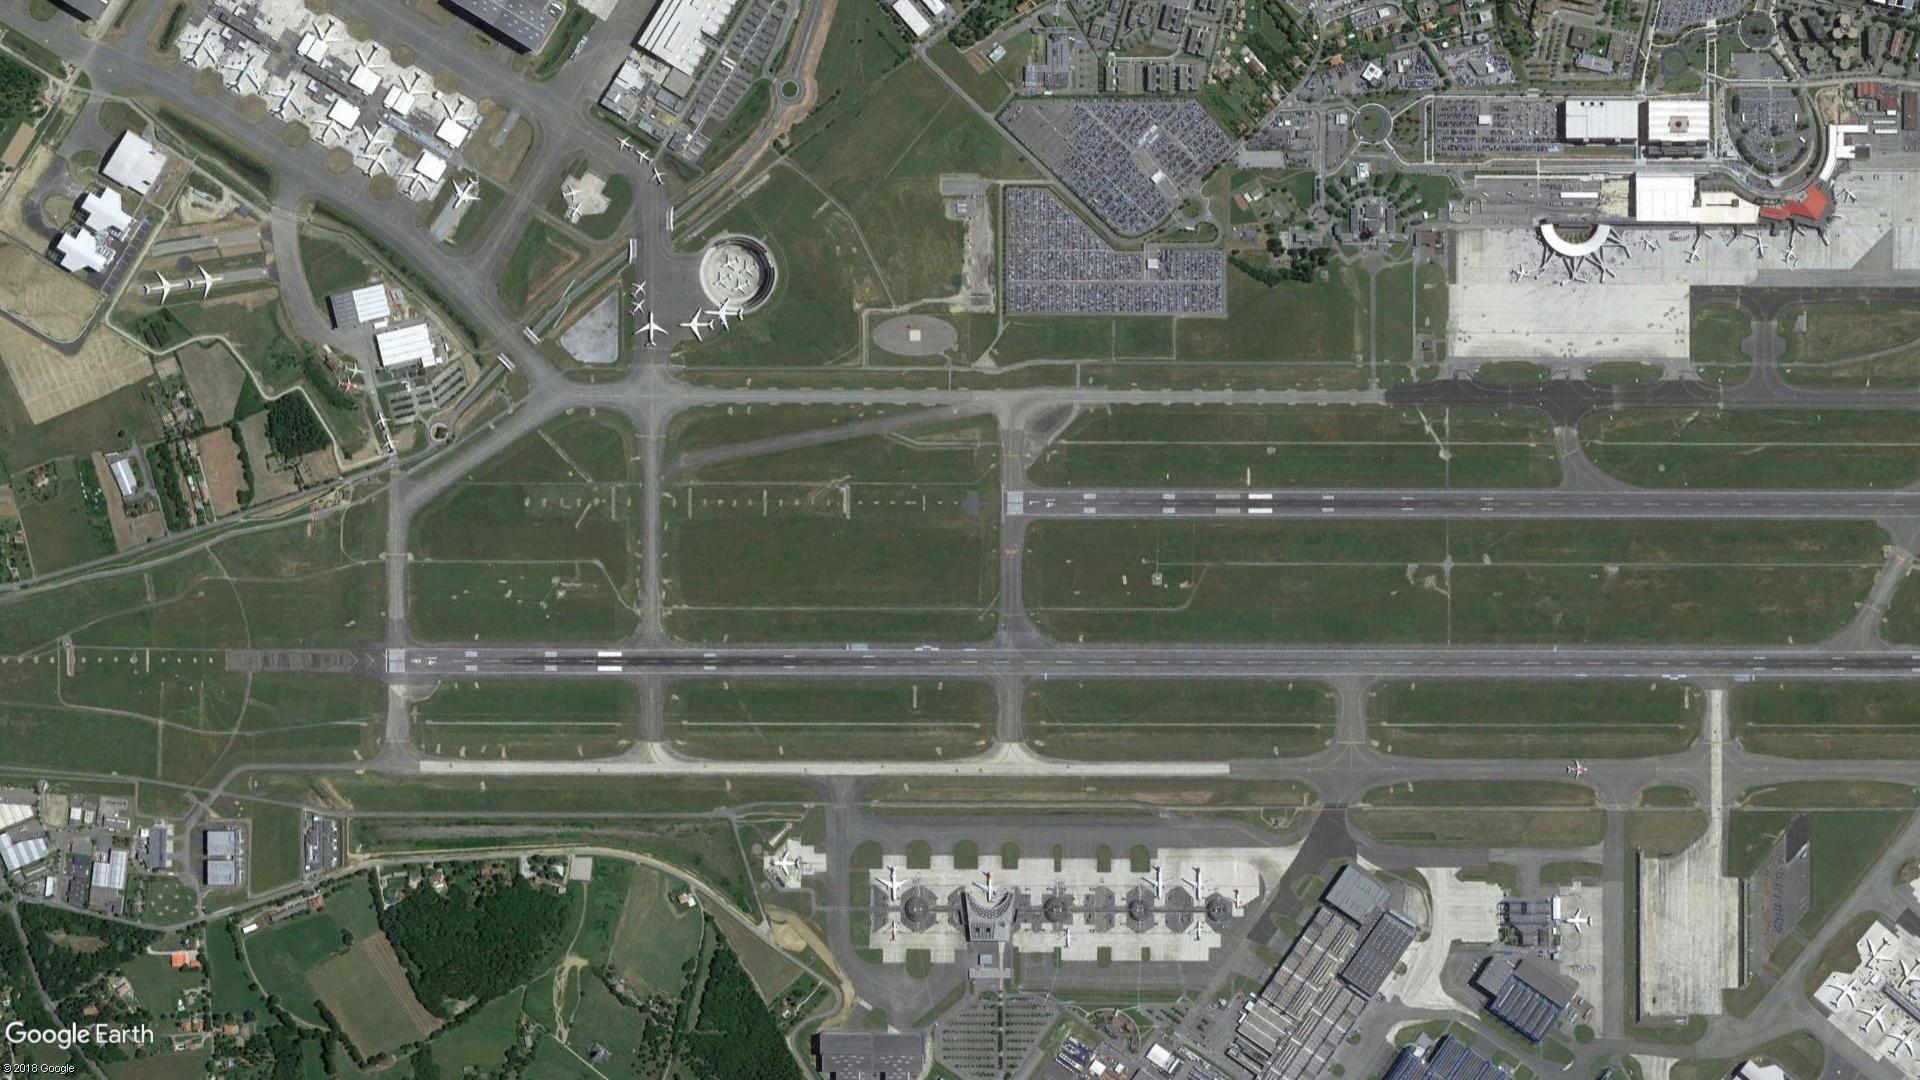 [Résolu] Capture d'écran supérieure à l'image de l'écran de Google Earth - Page 2 Toulou12